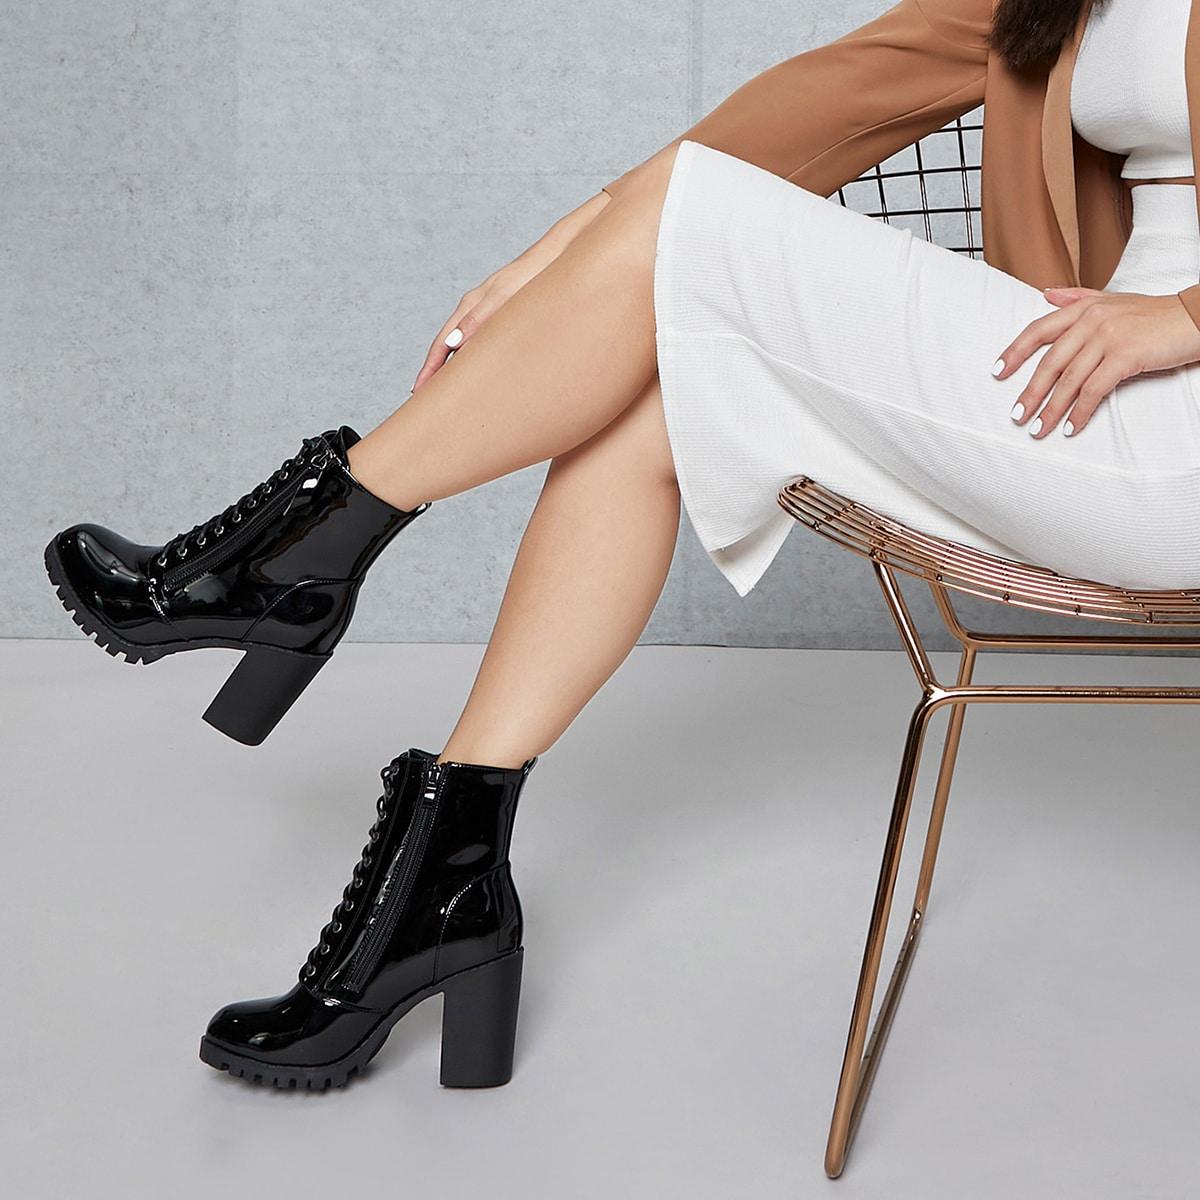 Ботикни на каблуке из искусственной лакированной кожи